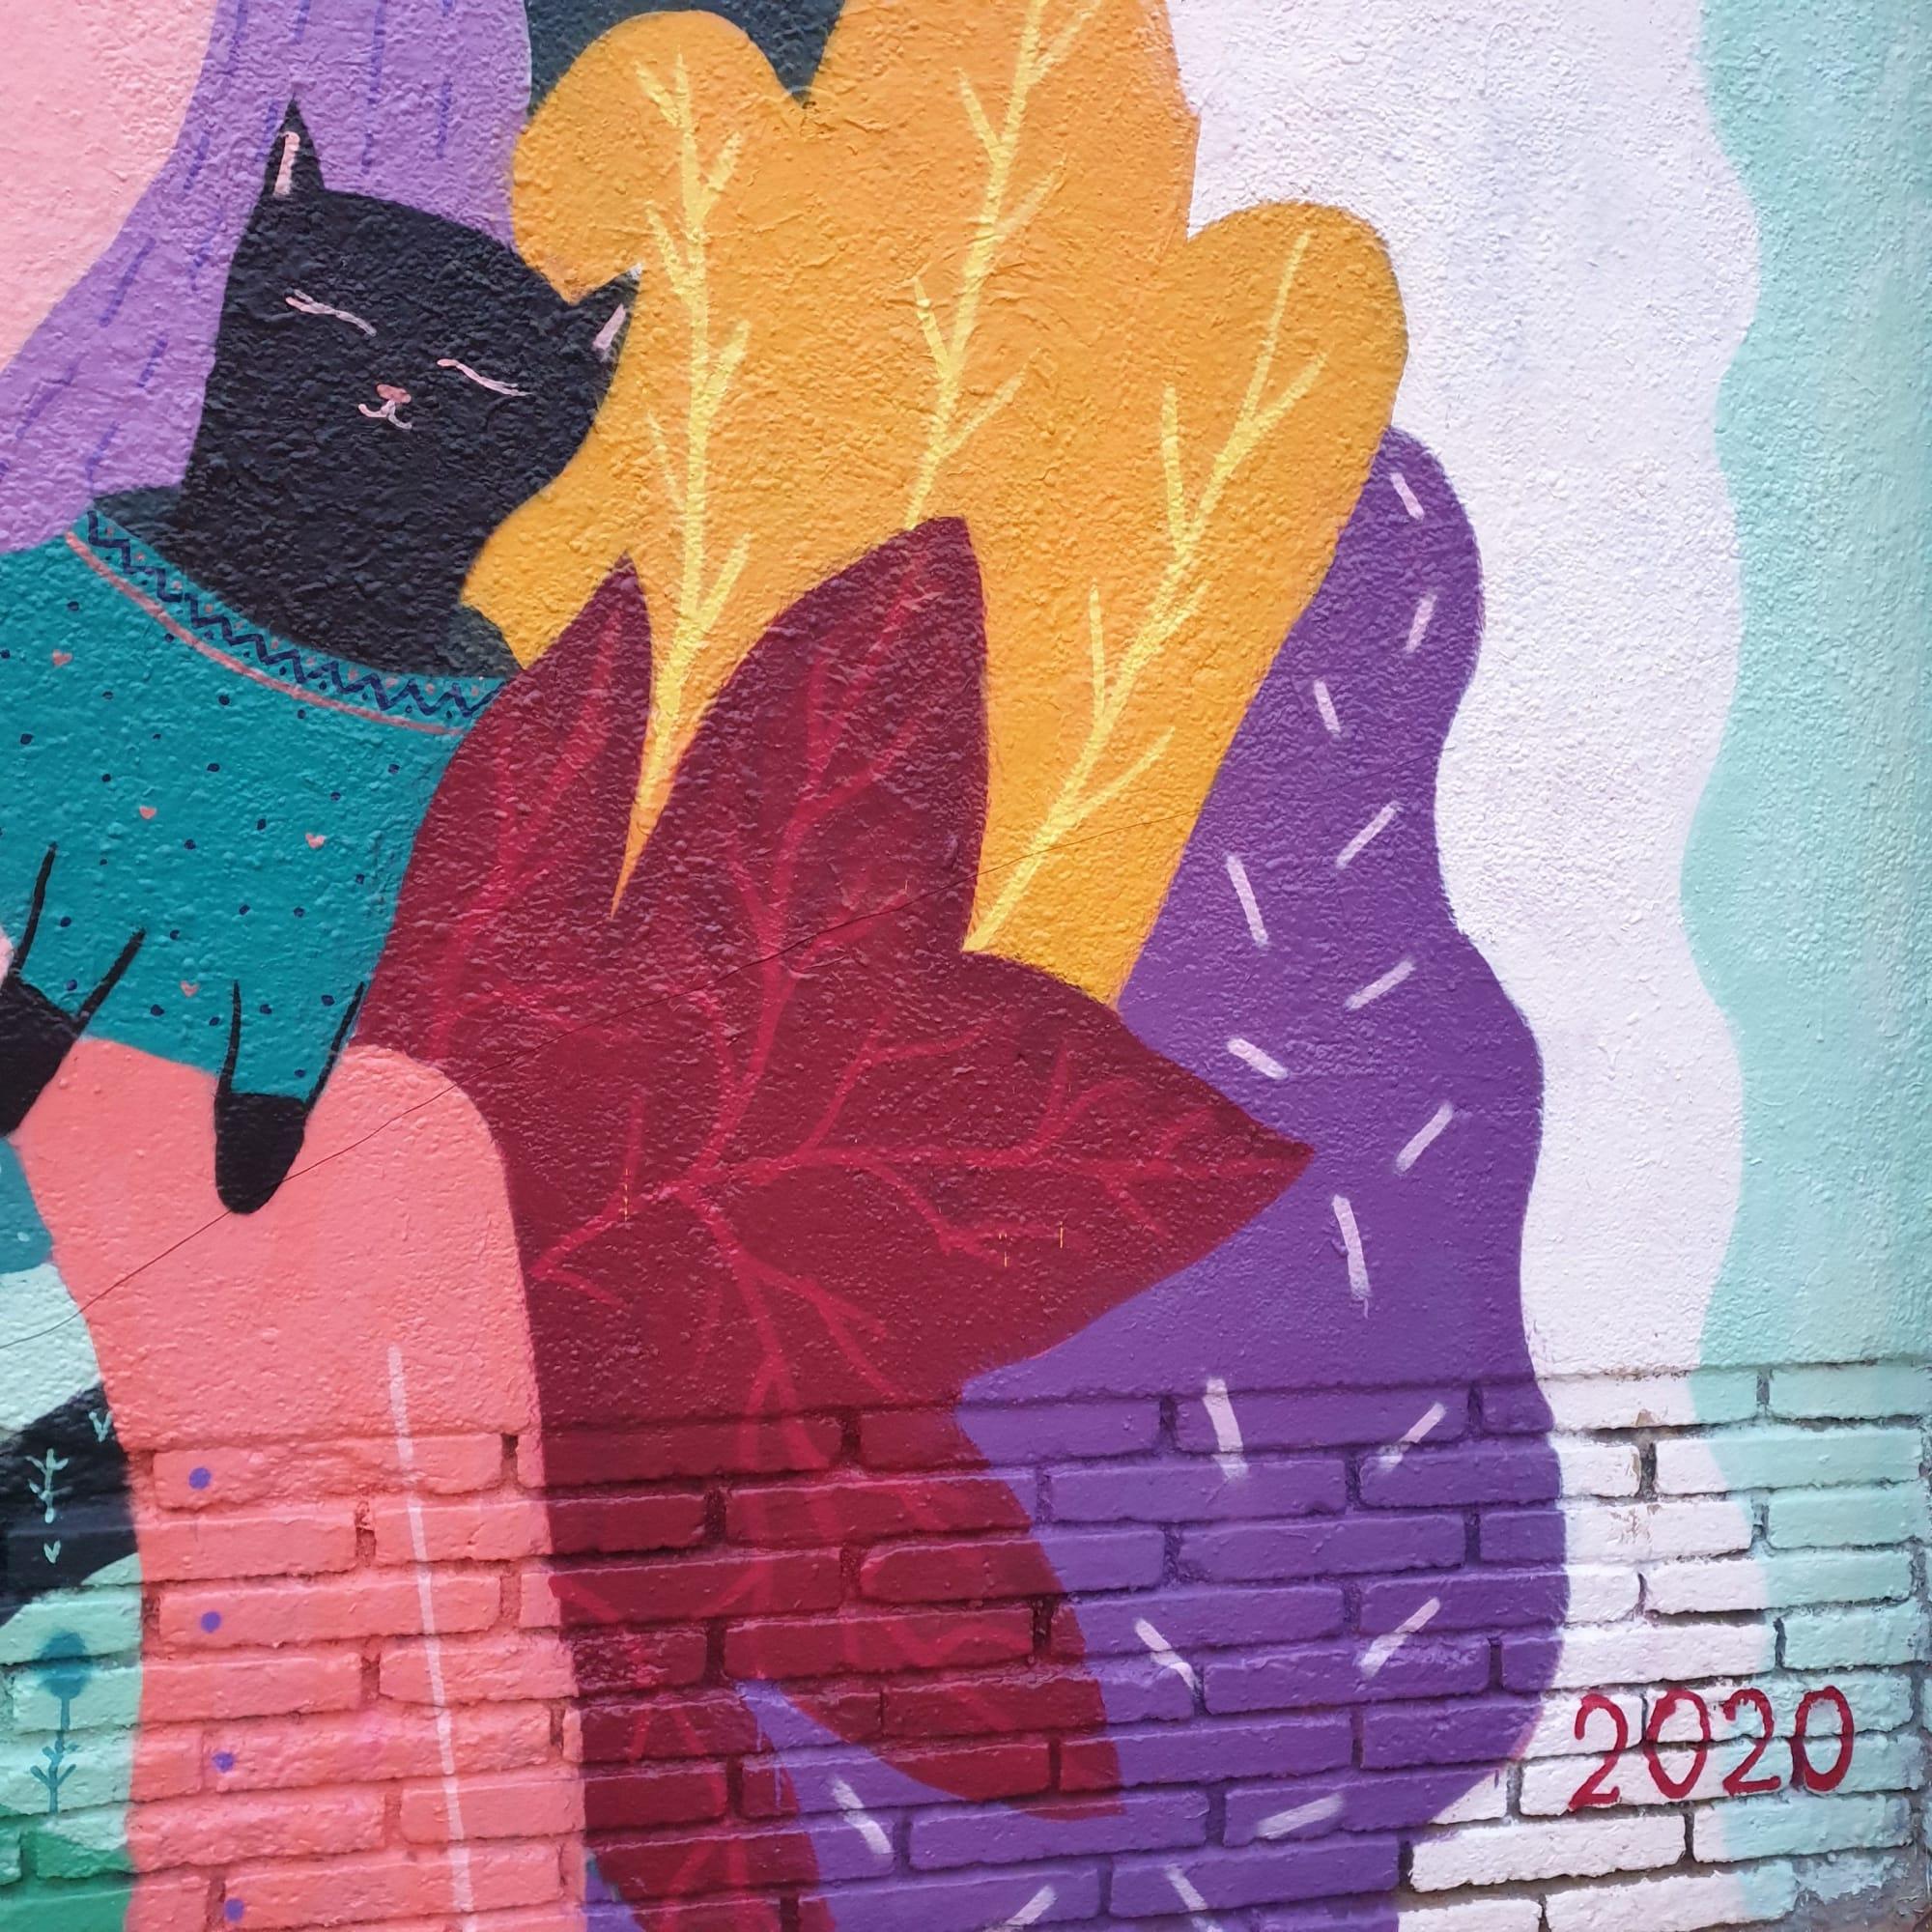 Street Murals by Its mancho seen at Carrer de la Selva de Mar, 141, Barcelona - estampilla alma & chloe